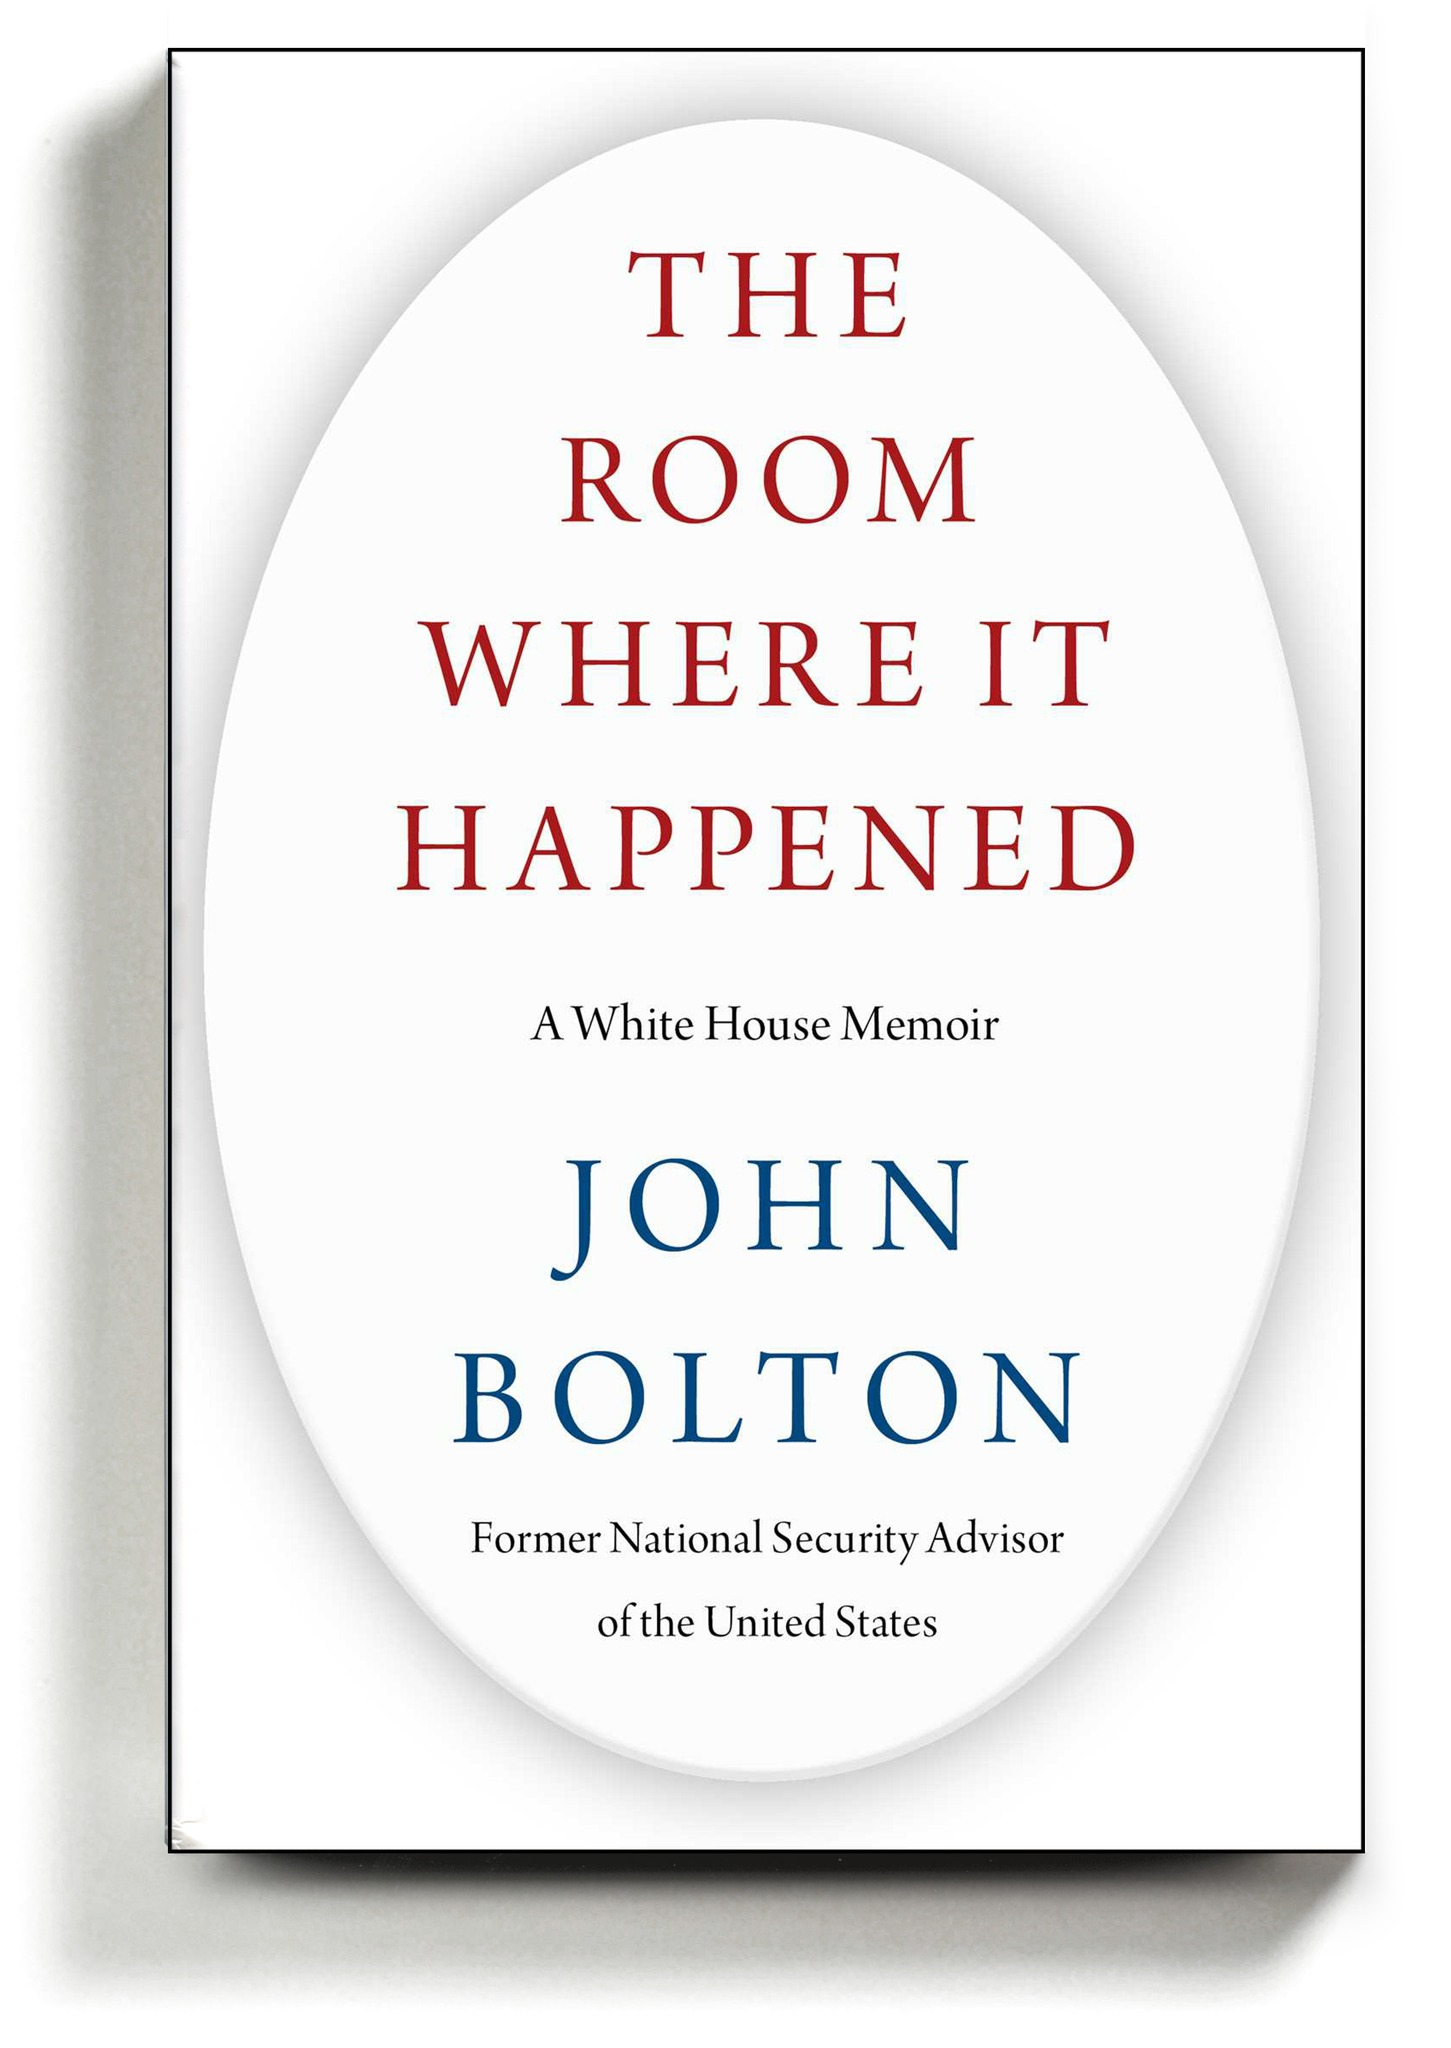 特朗普会被透露吗?。S. 联邦法官三天后发布新书,揭示白宫的内幕| 王牌